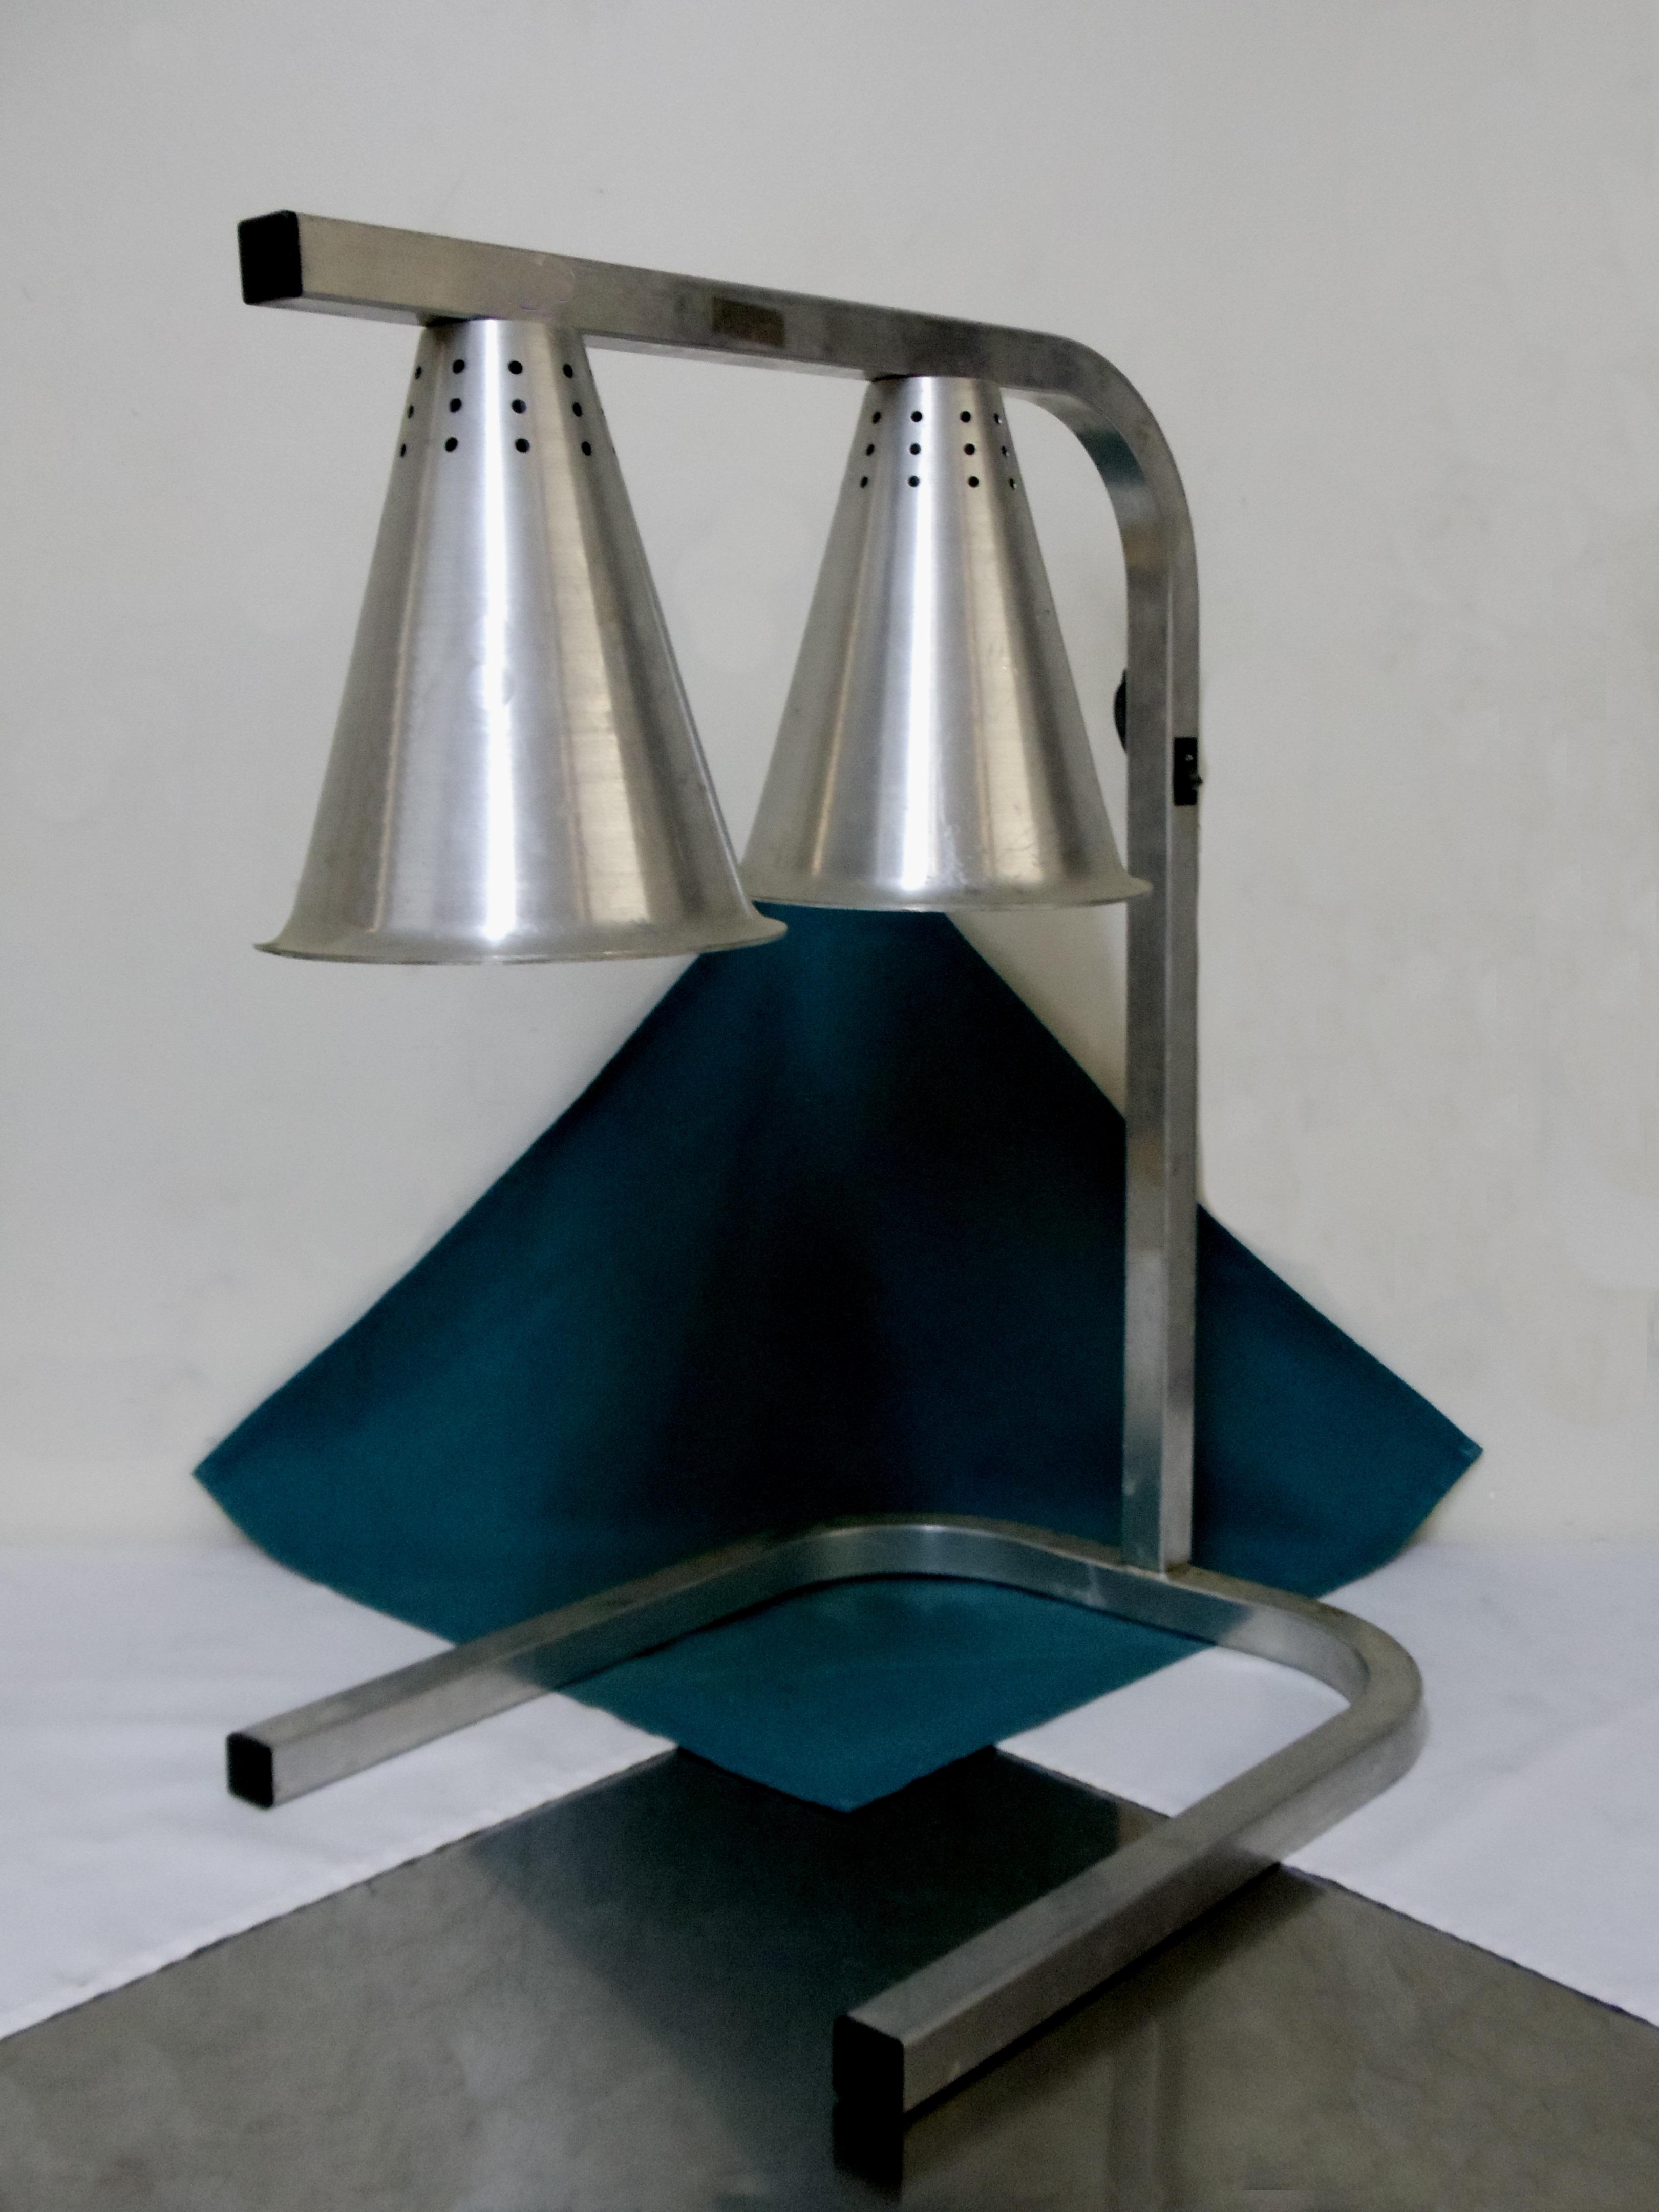 home for sale heat lamp. Black Bedroom Furniture Sets. Home Design Ideas